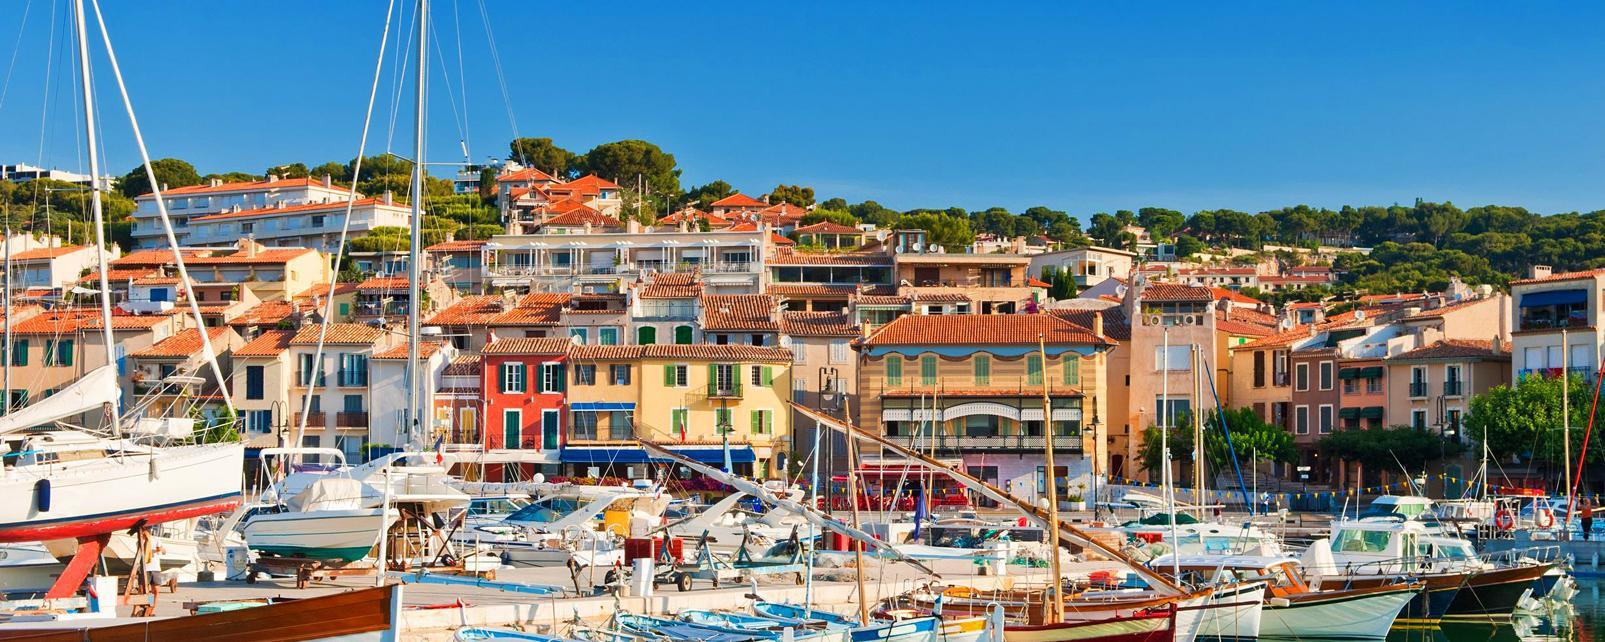 Les Hotels De Marseille